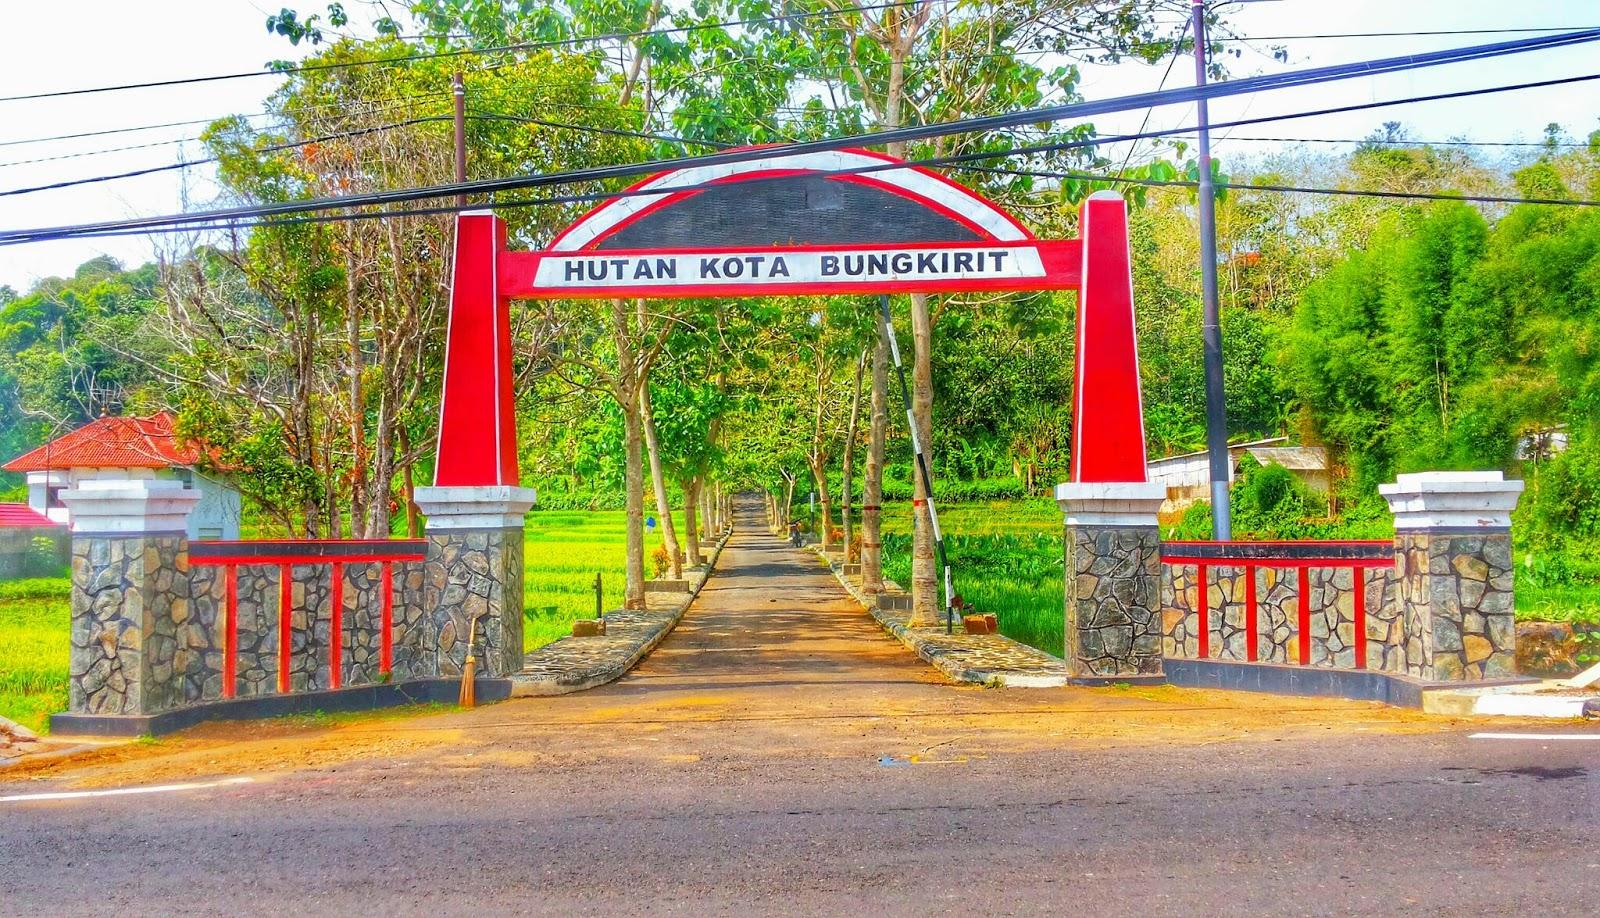 Hutan Kota Bungkirit Yang Mengagumkan di Kuningan Jawa Barat ...